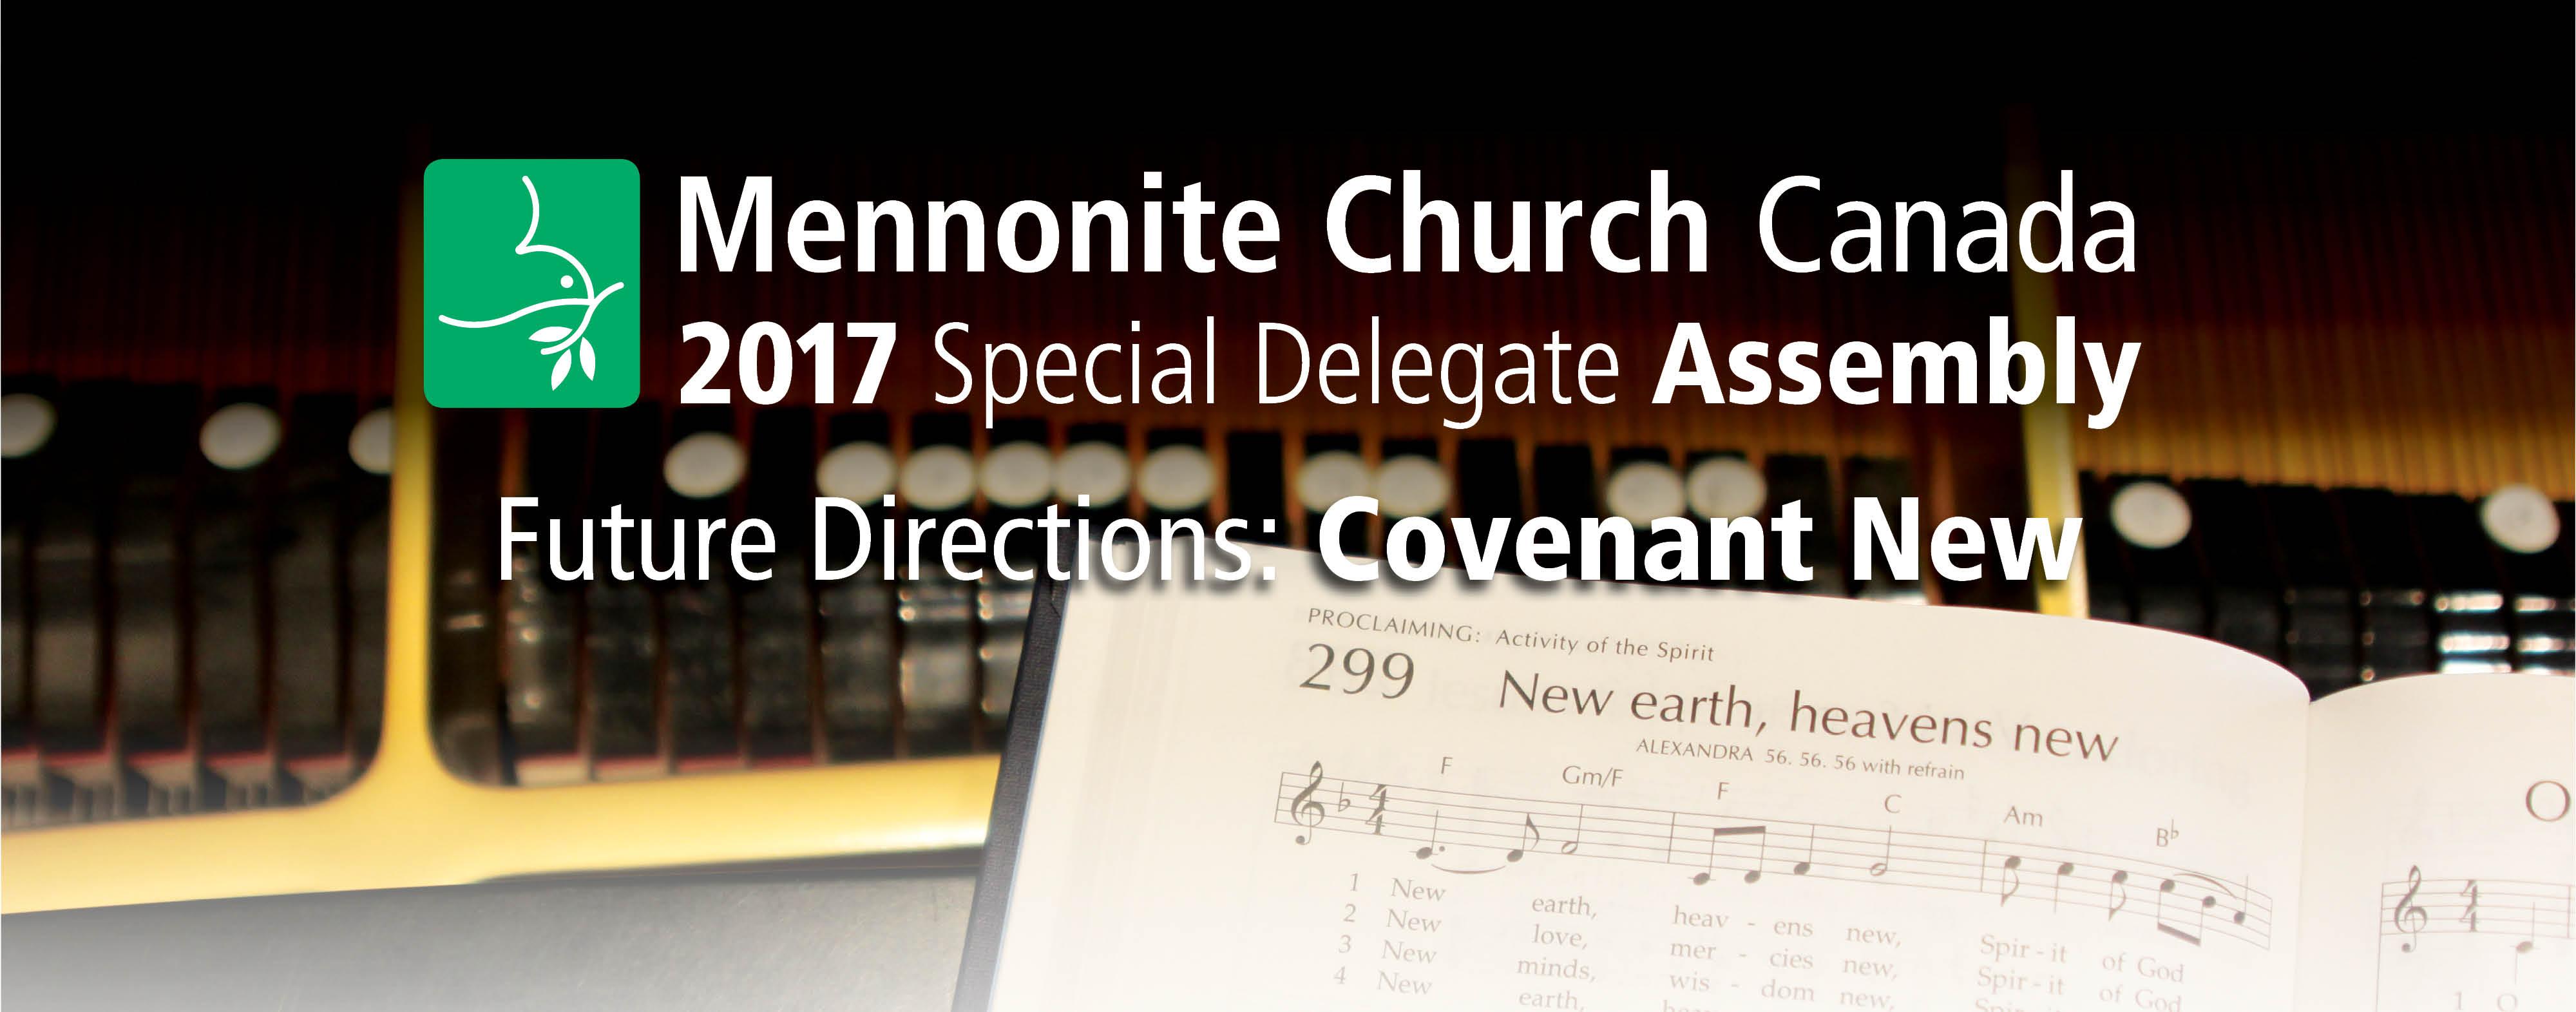 2017 Special Delegate Gathering